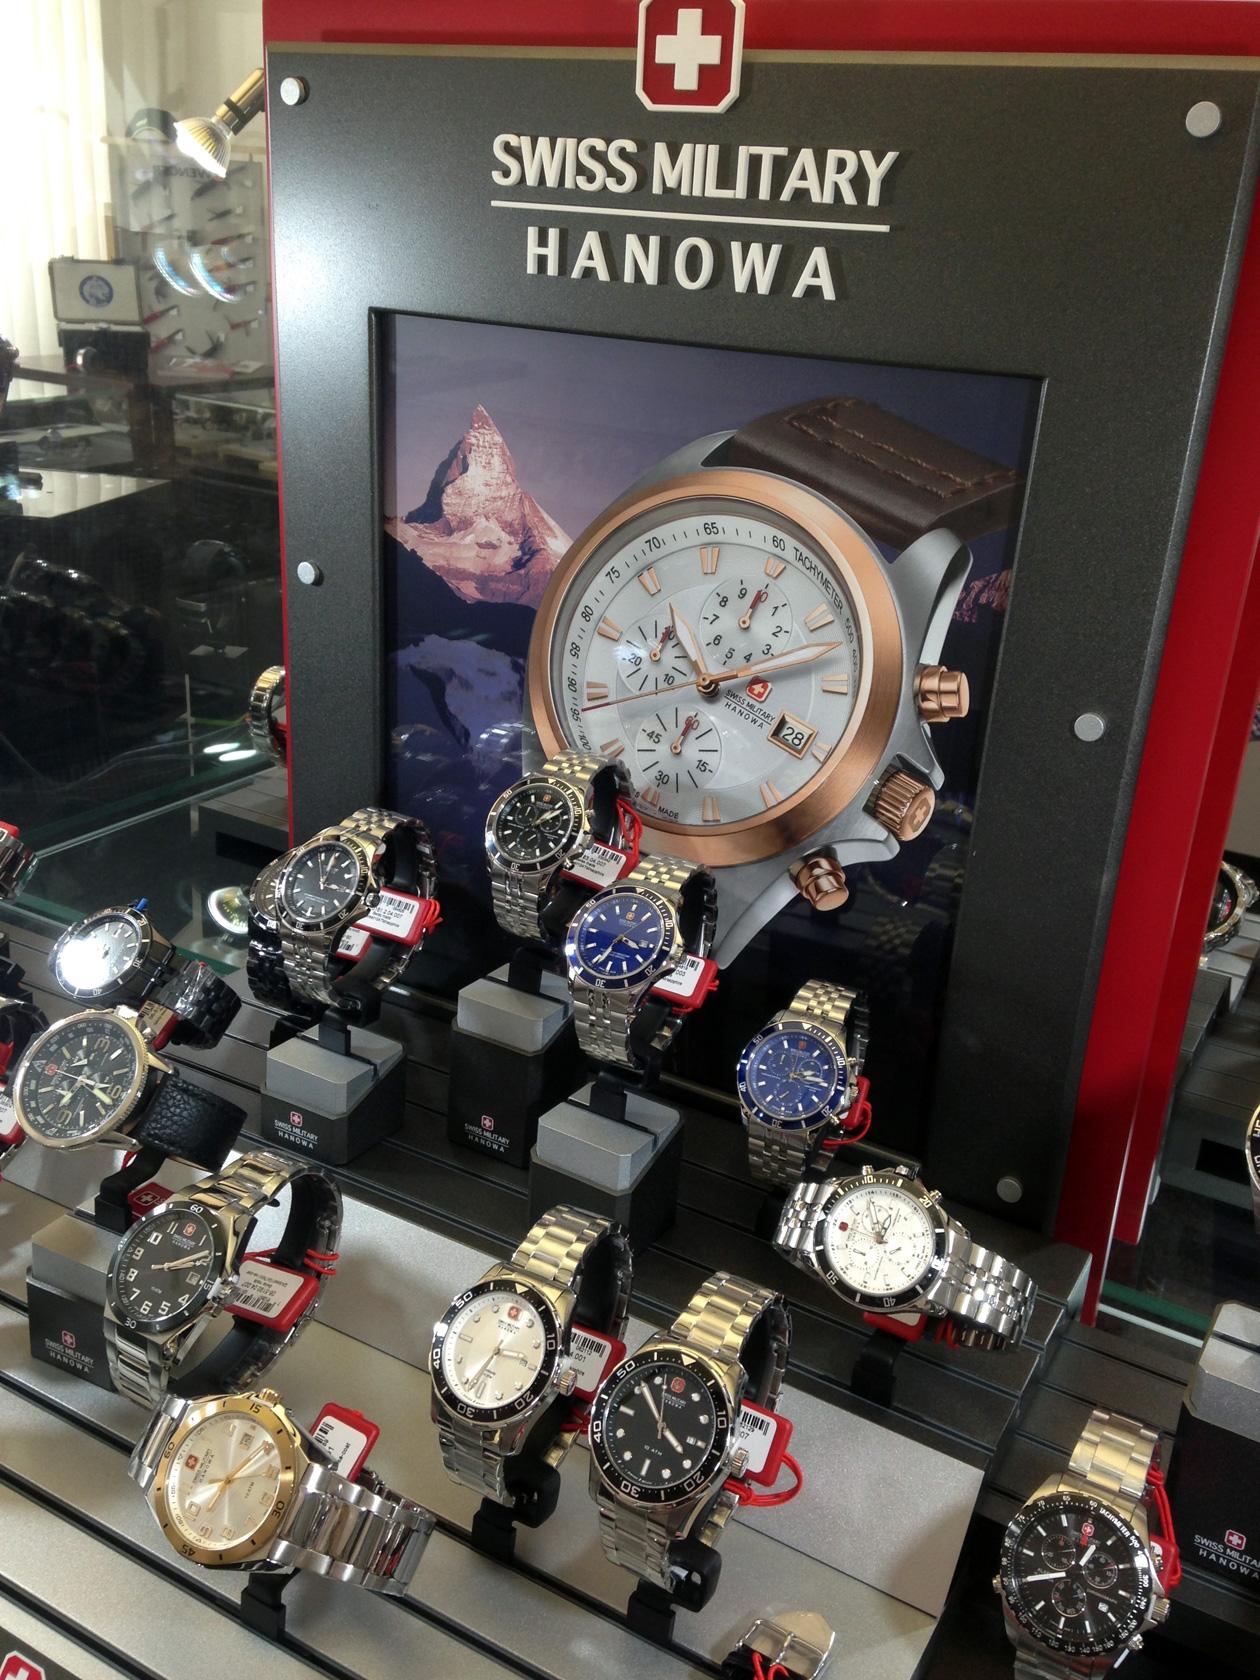 23fd9c12d56 Swiss Military Hanowa se z větší části orientuje na výrobu pánských hodinek.  Je laděna spíše do sportovna, sází často na celoocelové provedení a většina  ...